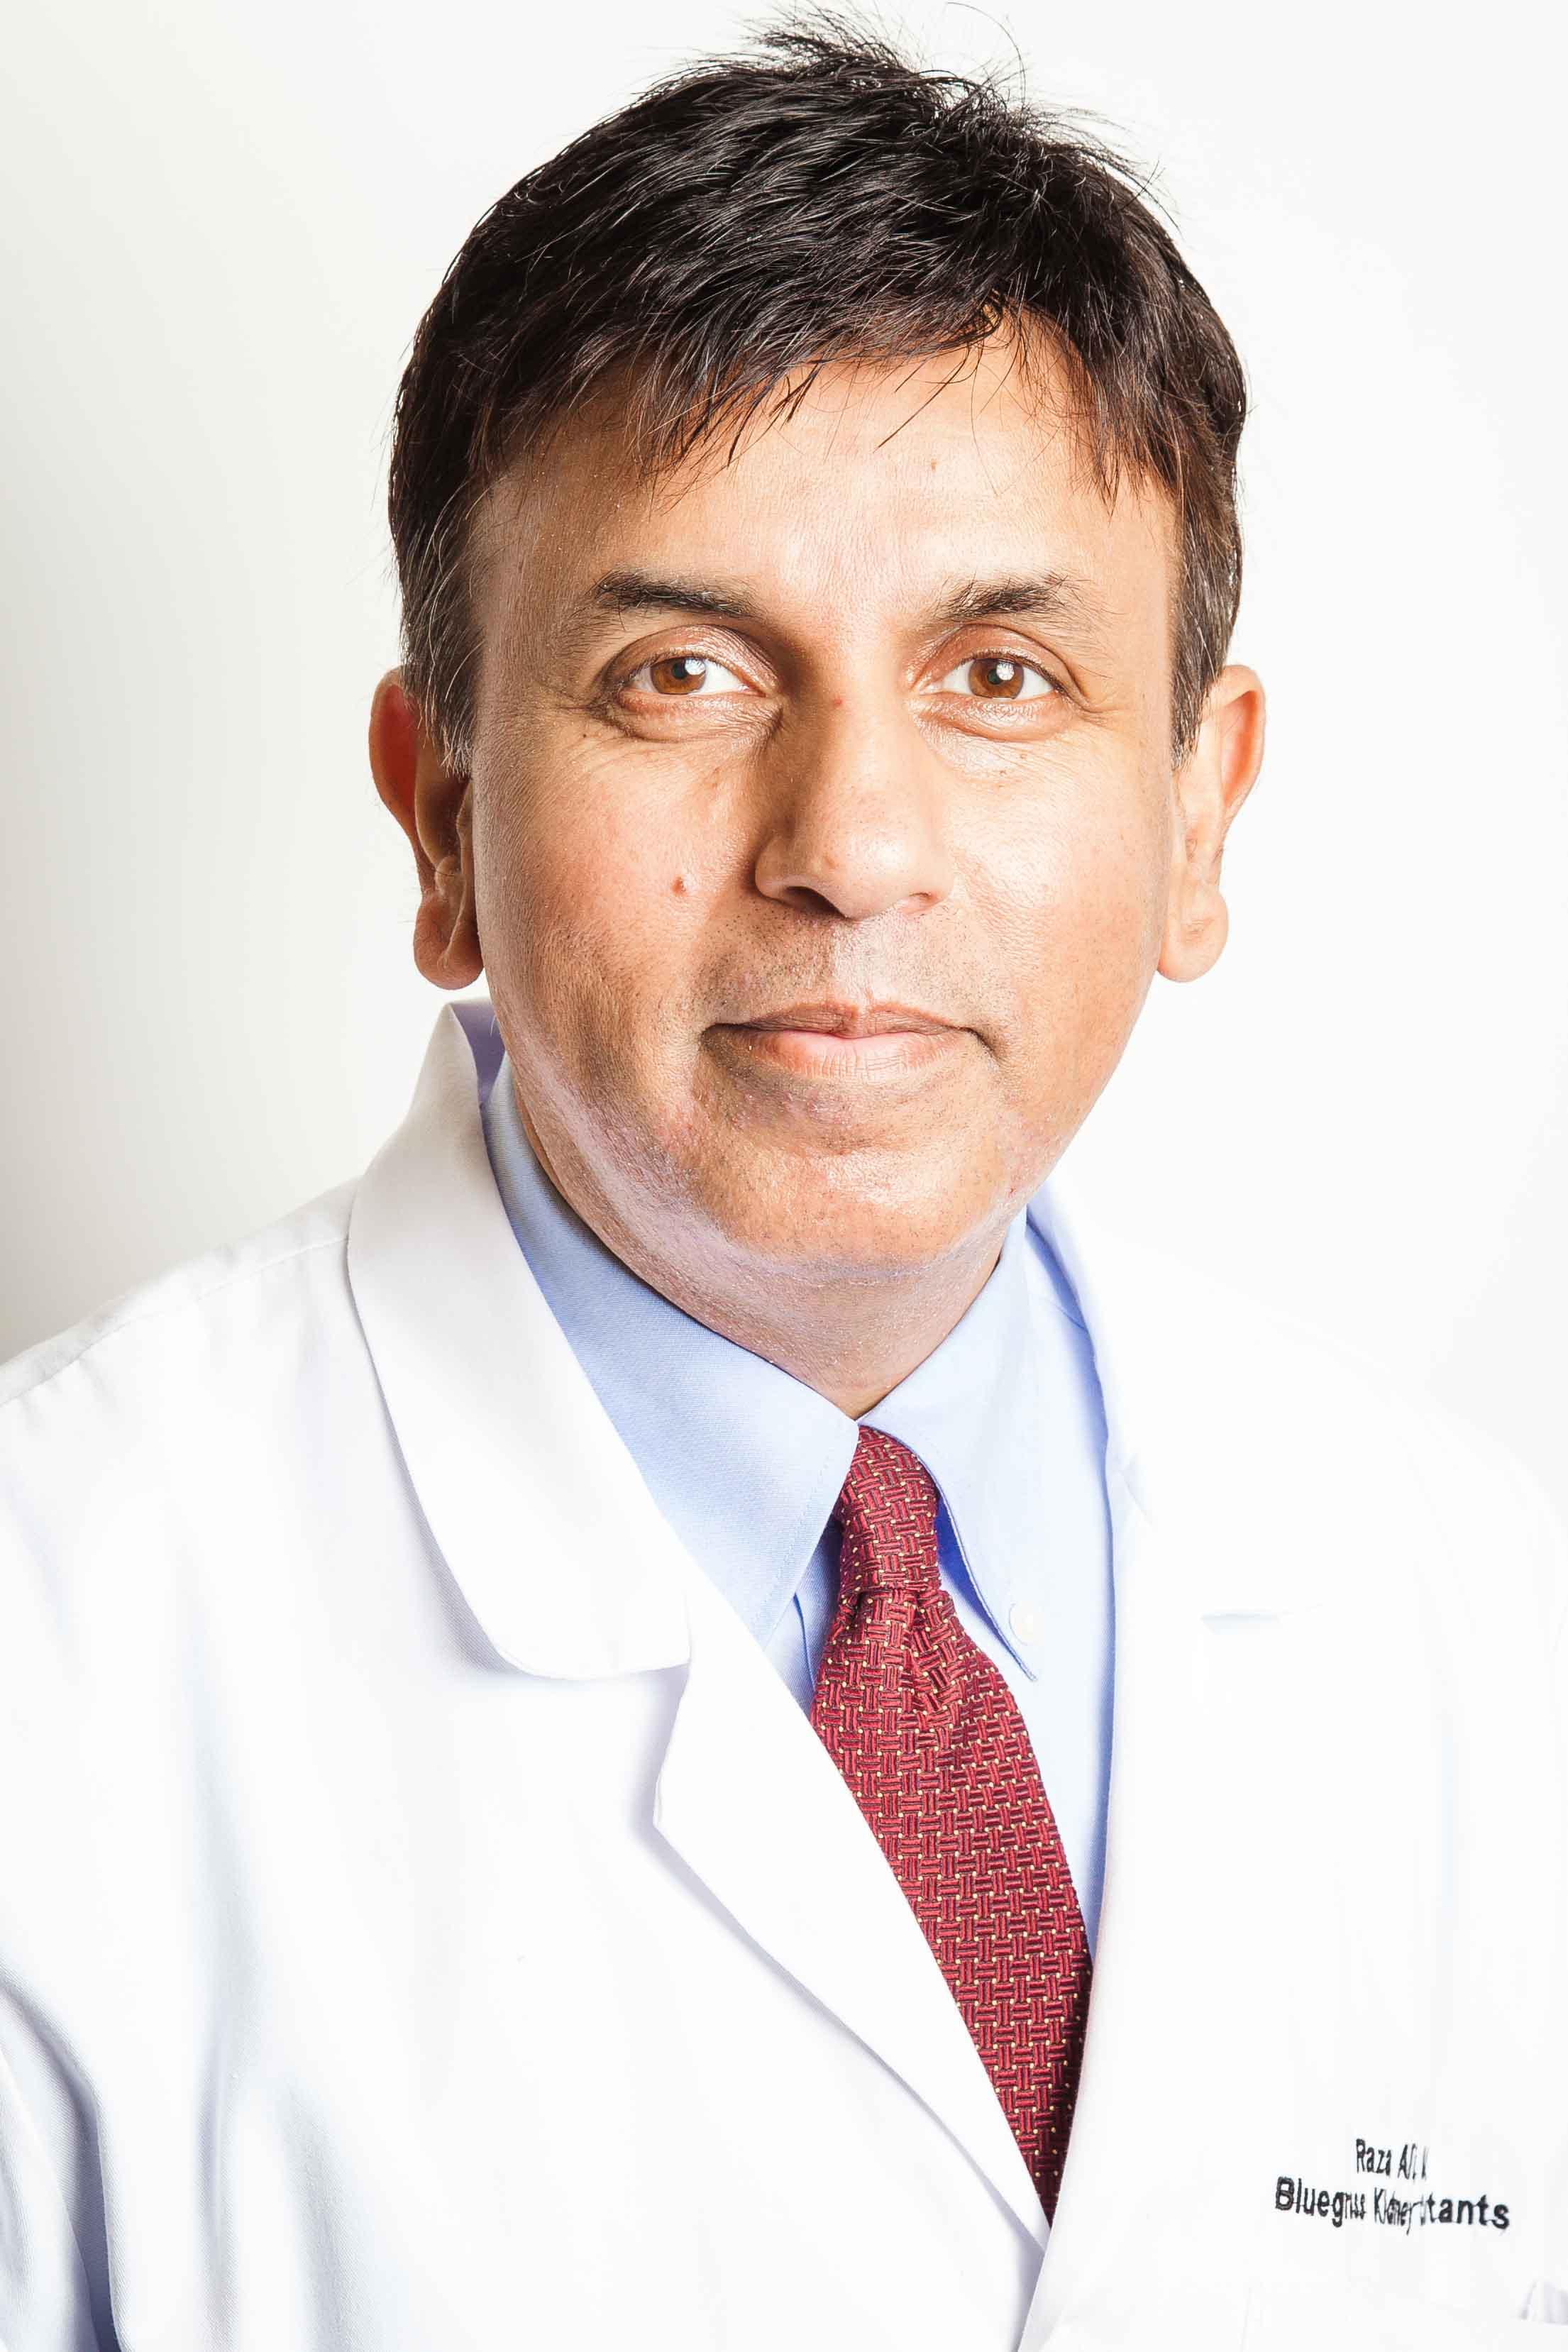 Raza Ali, MD